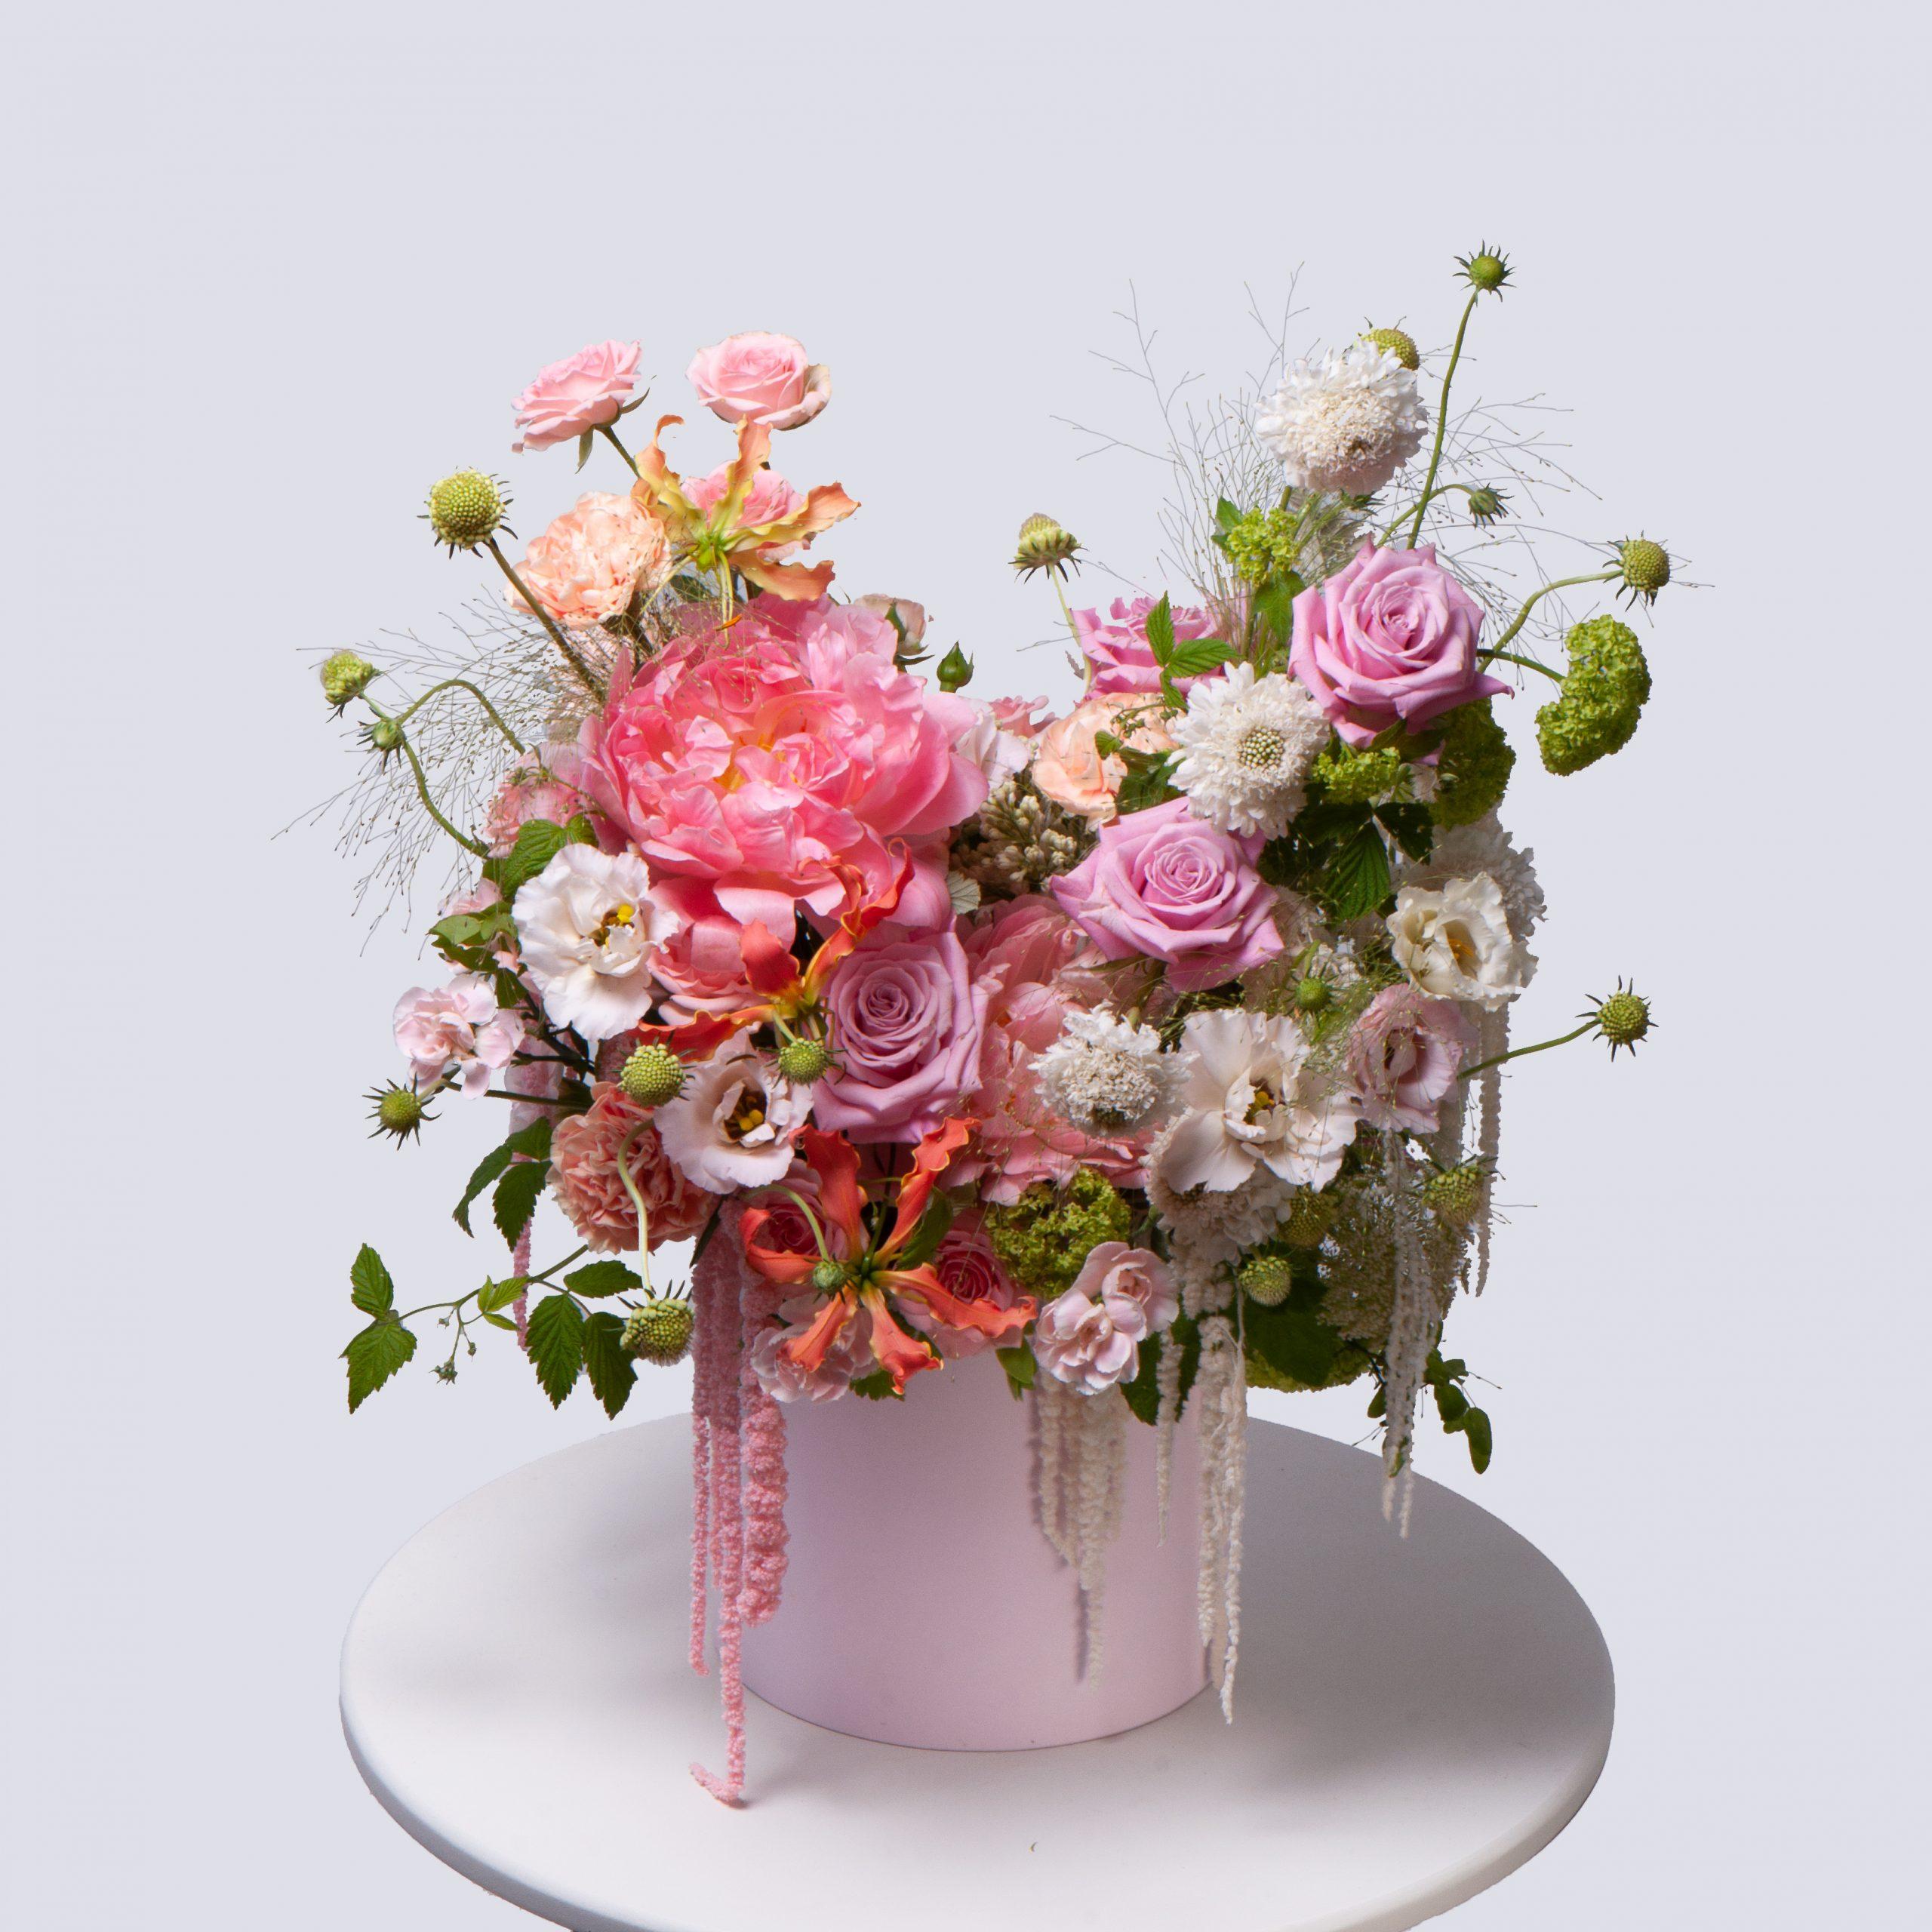 Коробка в розовой гамме №4 - купить цветы в Санкт Петербурге